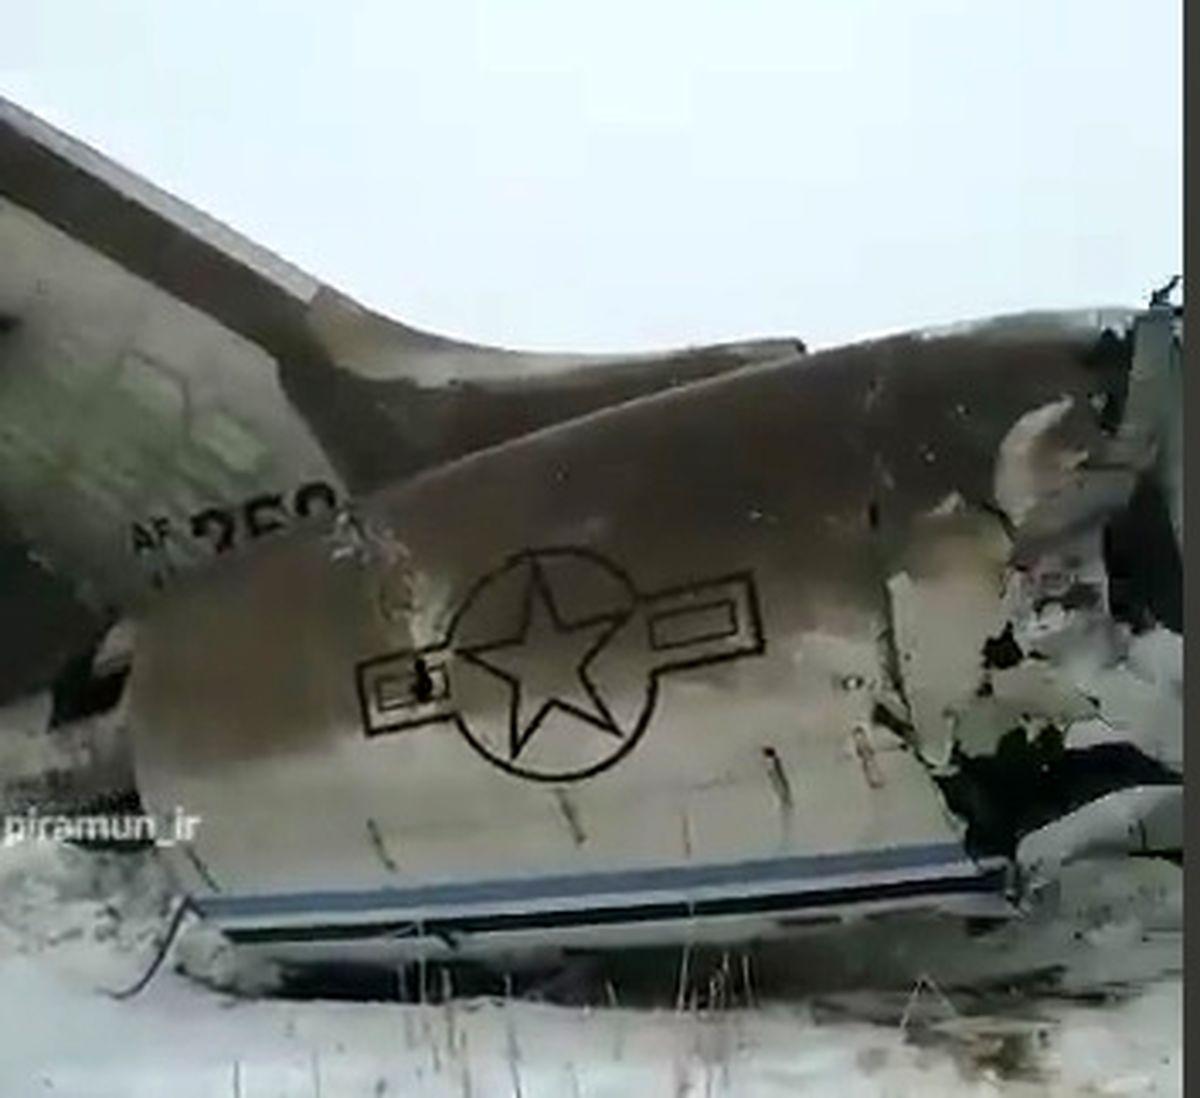 اعضای بلندپایه سیا در سقوط هواپیما در افغانستان کشته شدند